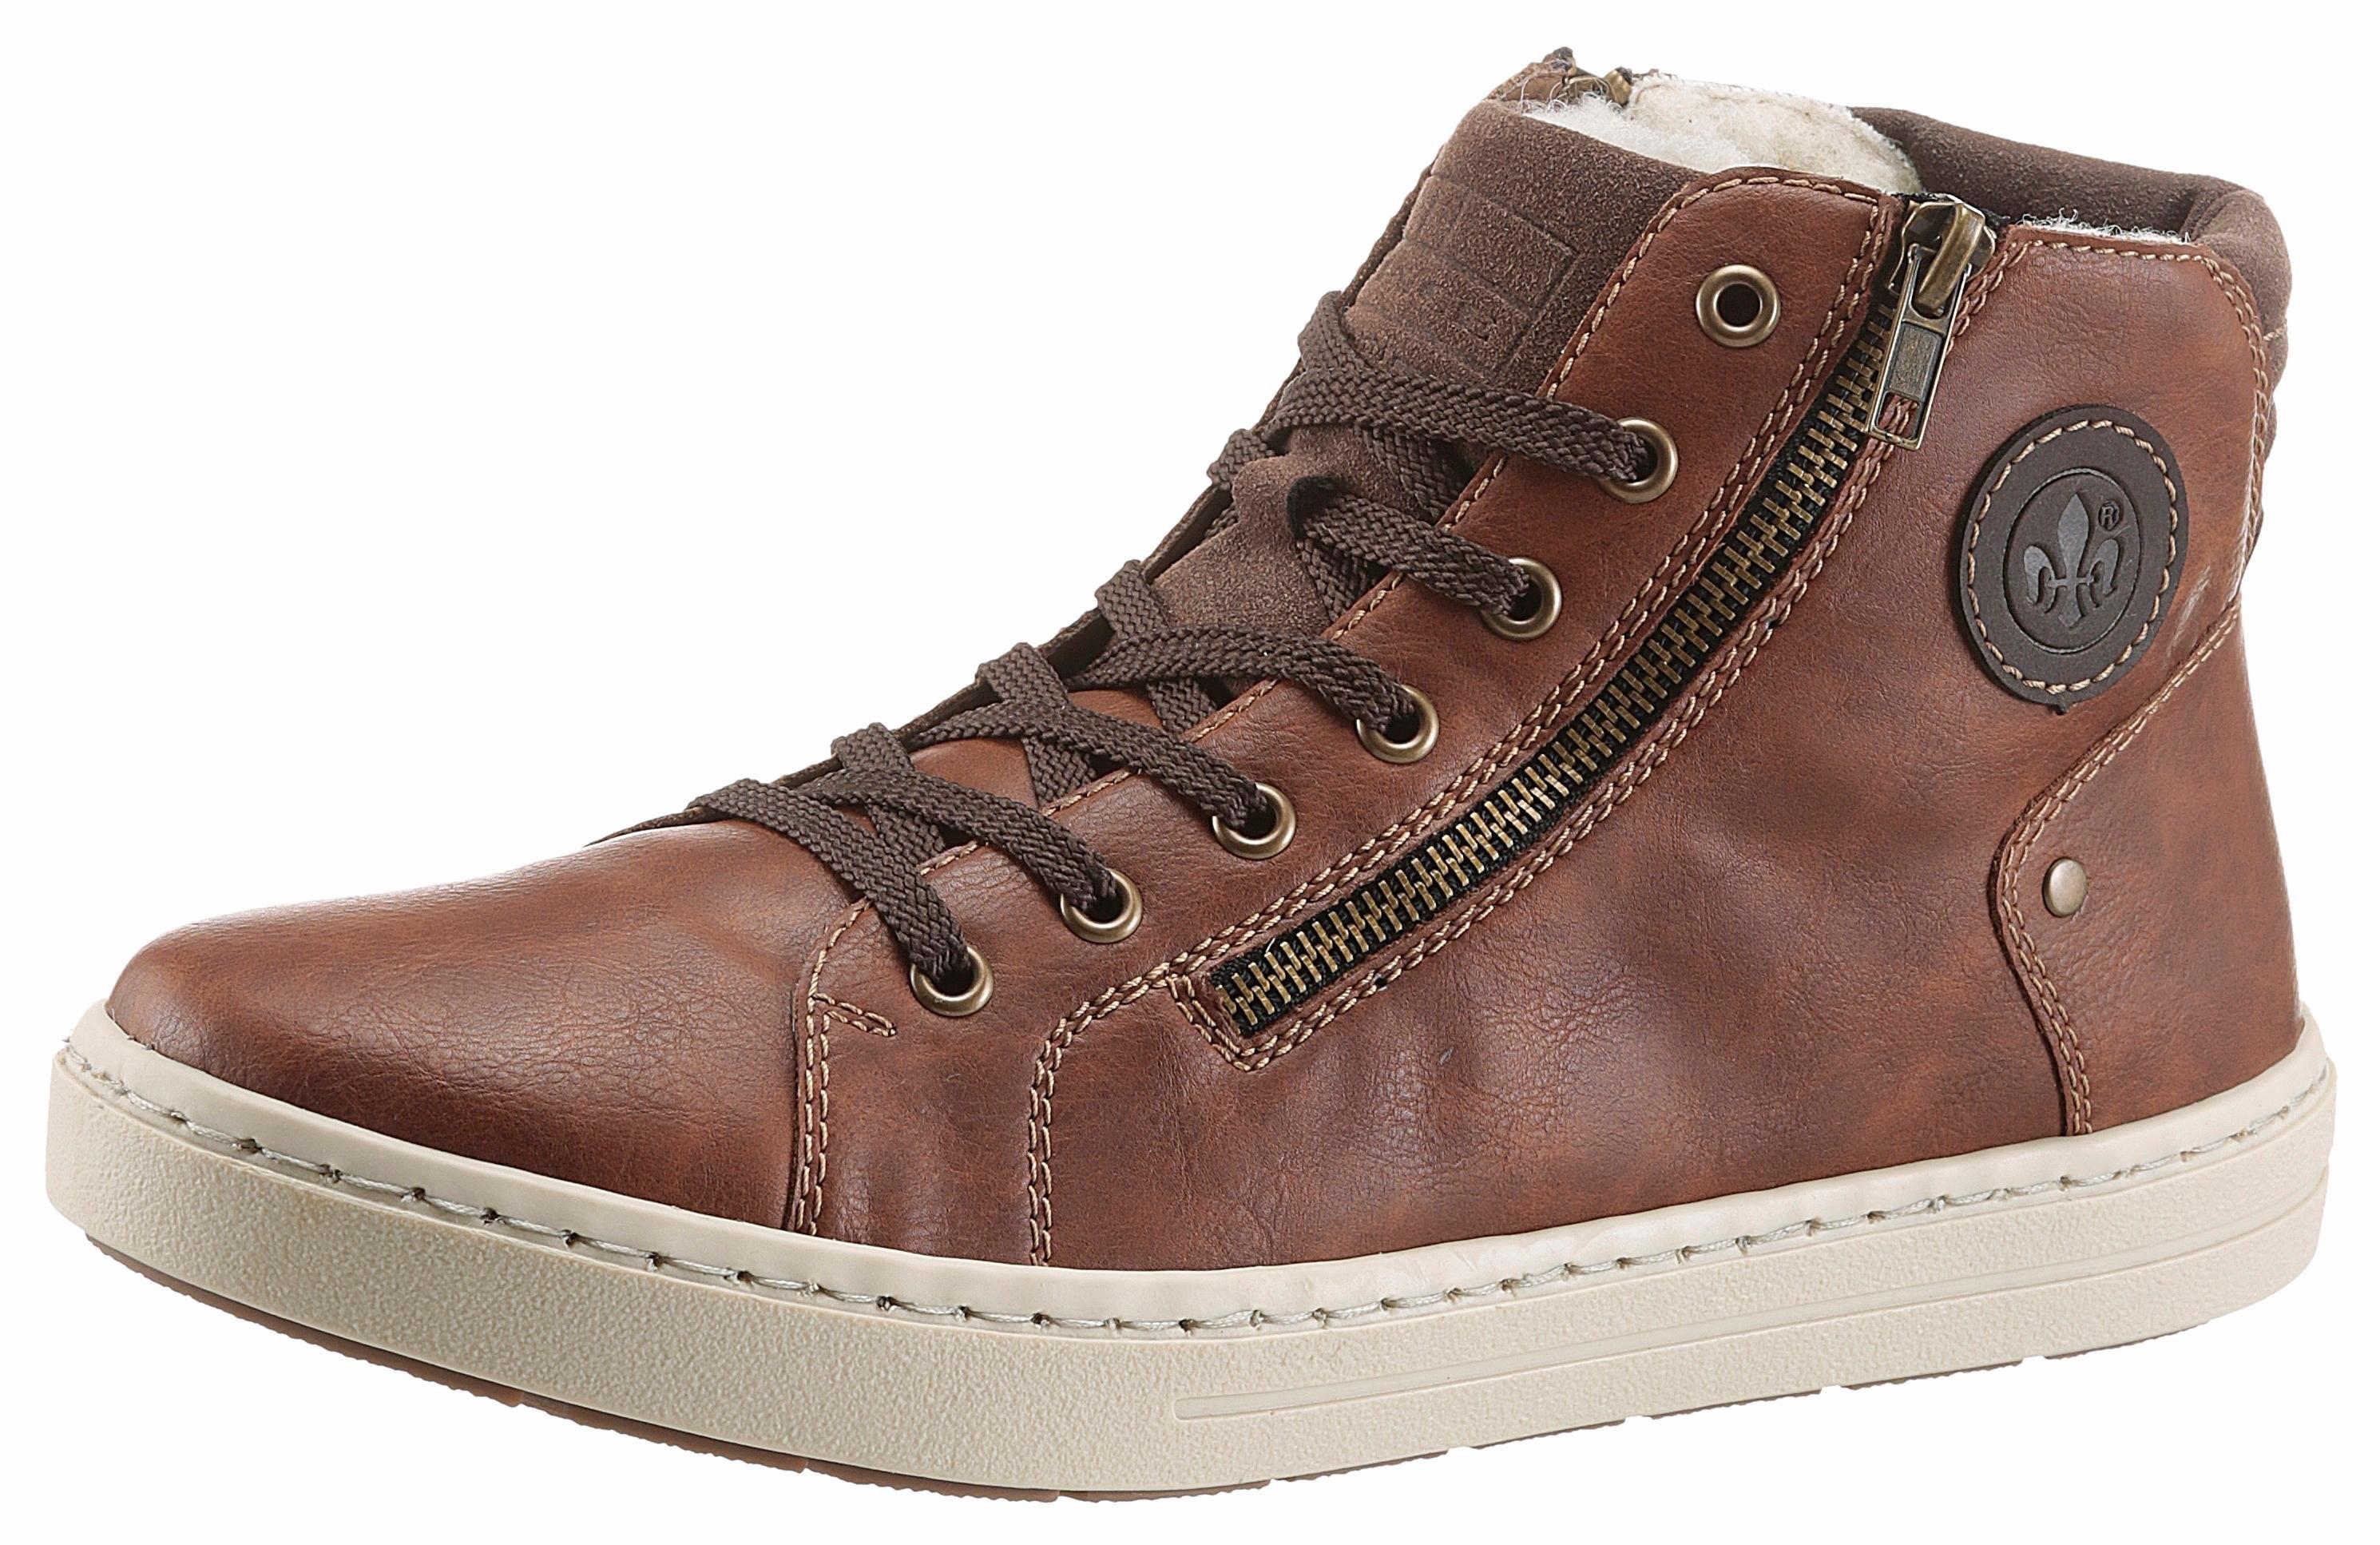 Shoppen Sneakers Sneakers Online Rieker Online Rieker Shoppen Rieker hQsdtrCx